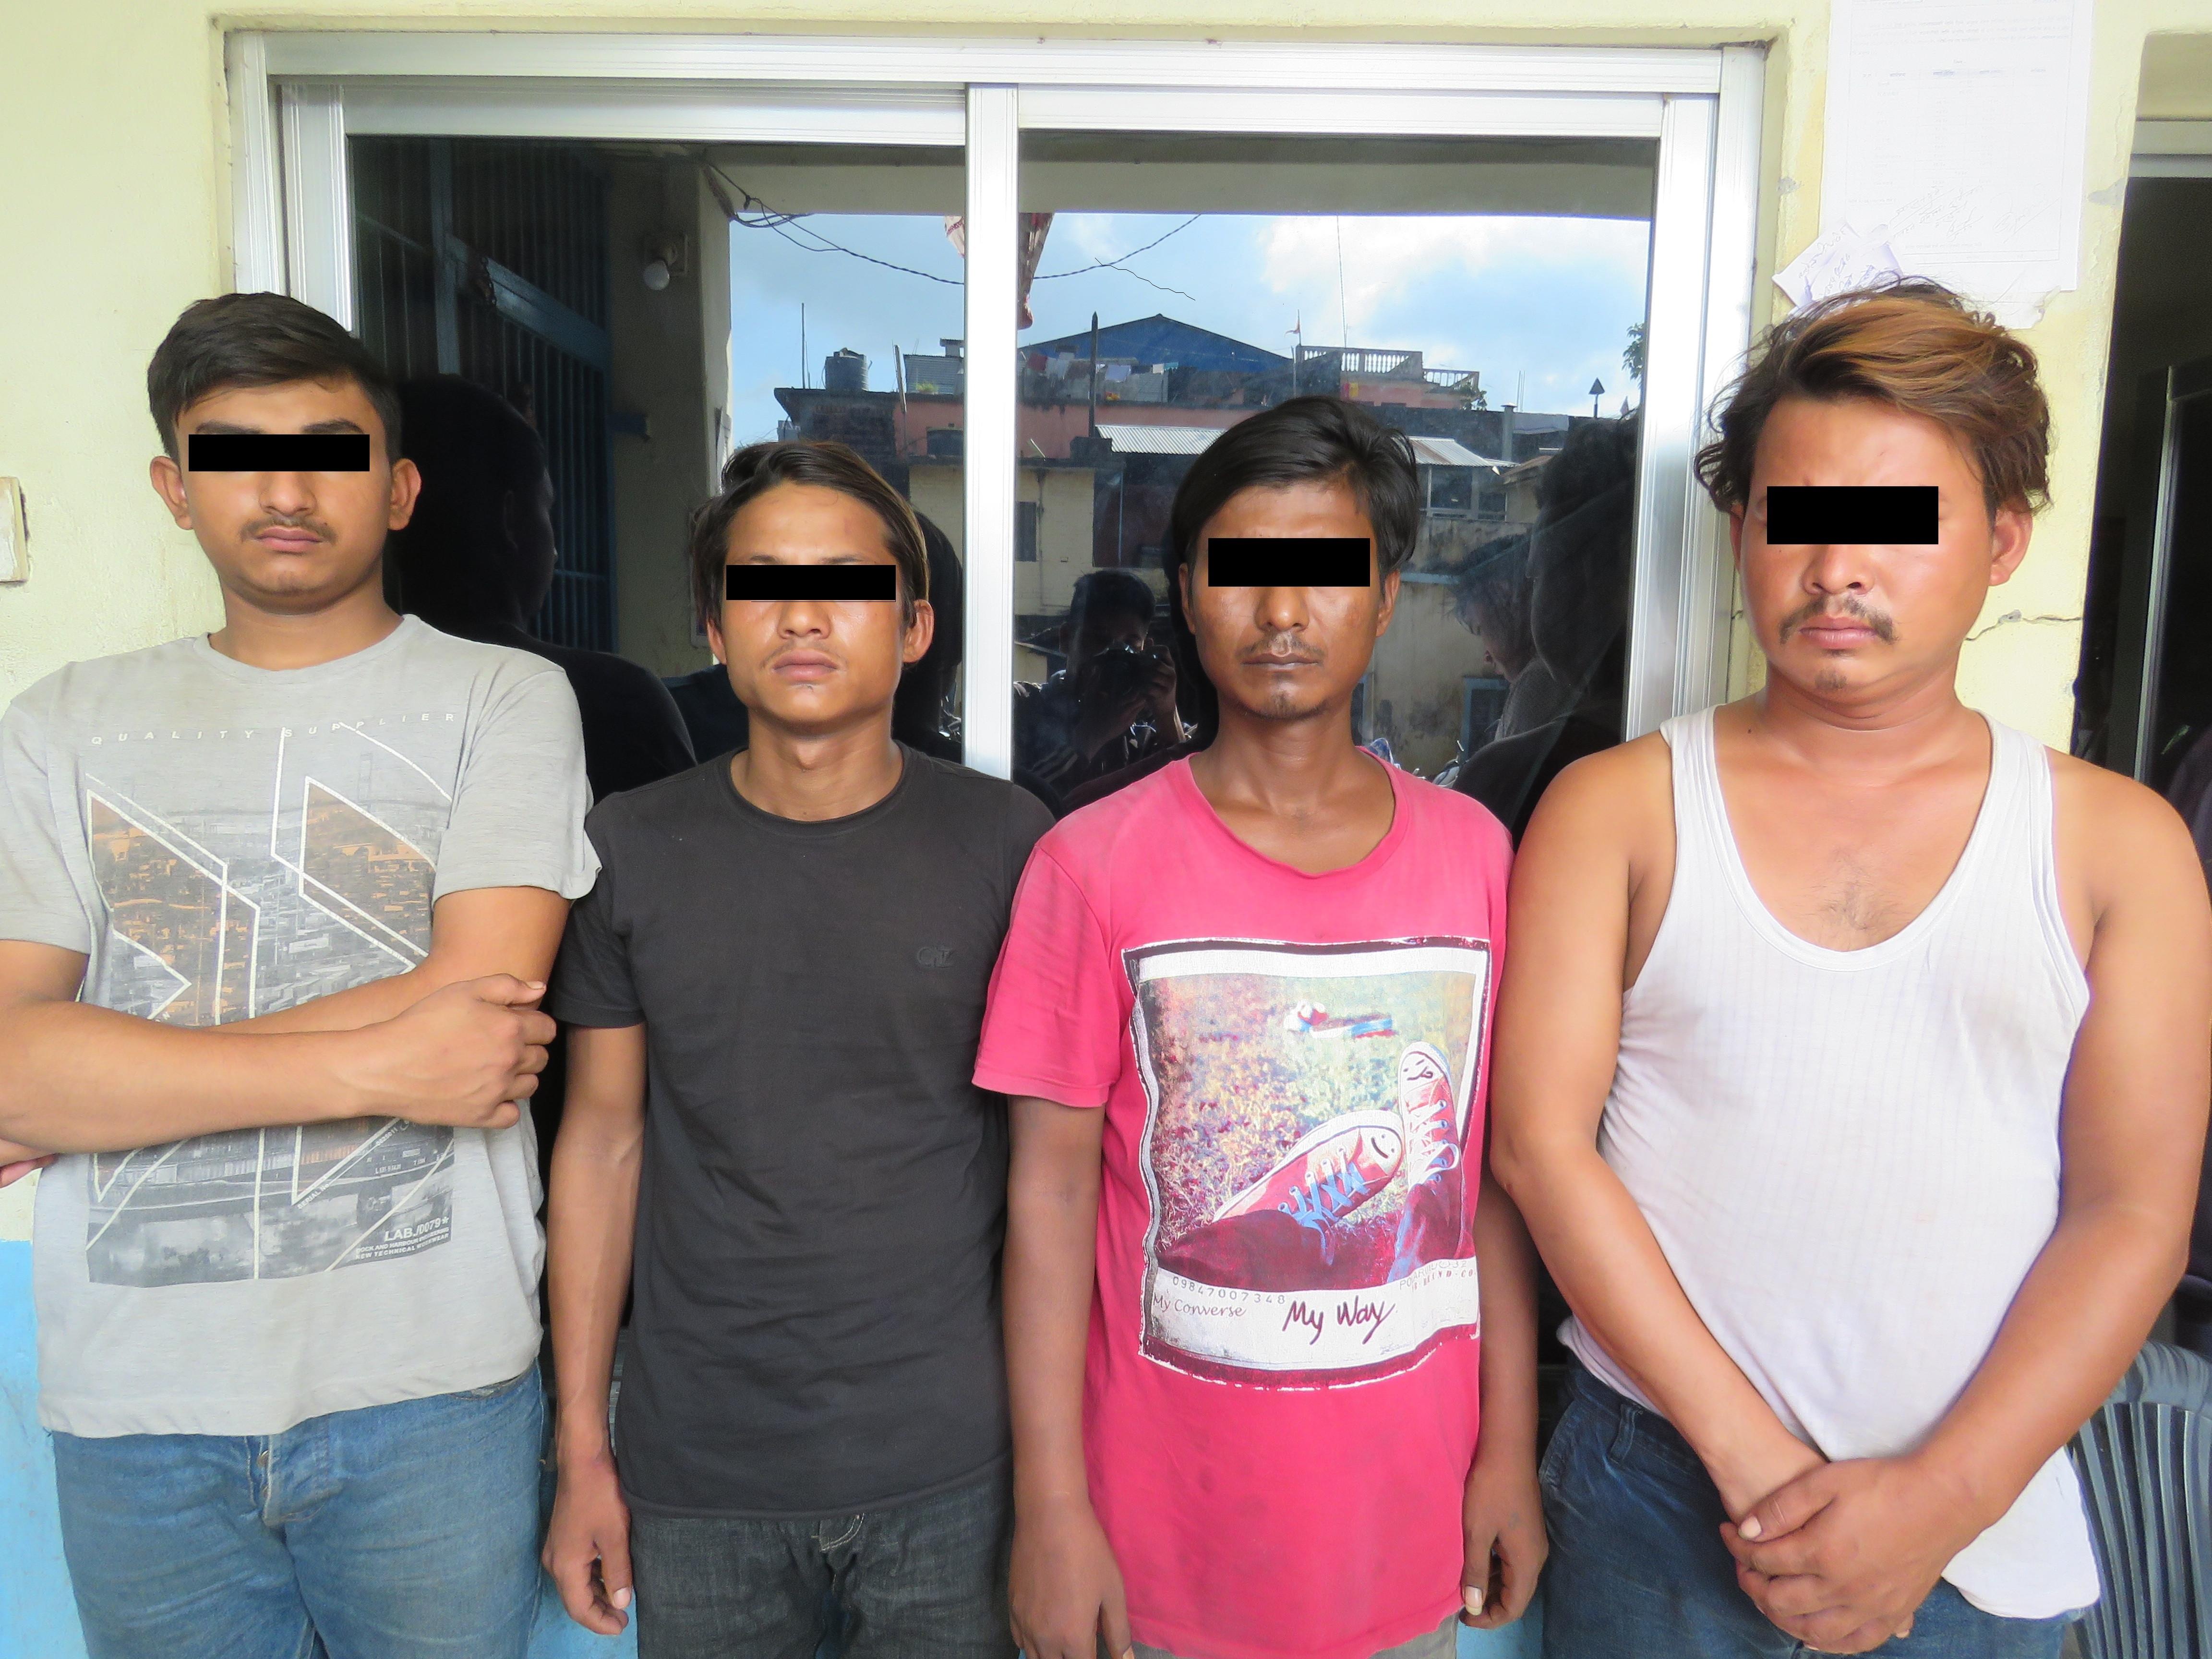 युवती बलात्कारमा पक्राउ परेका चार जना। तस्बिर: प्रहरी